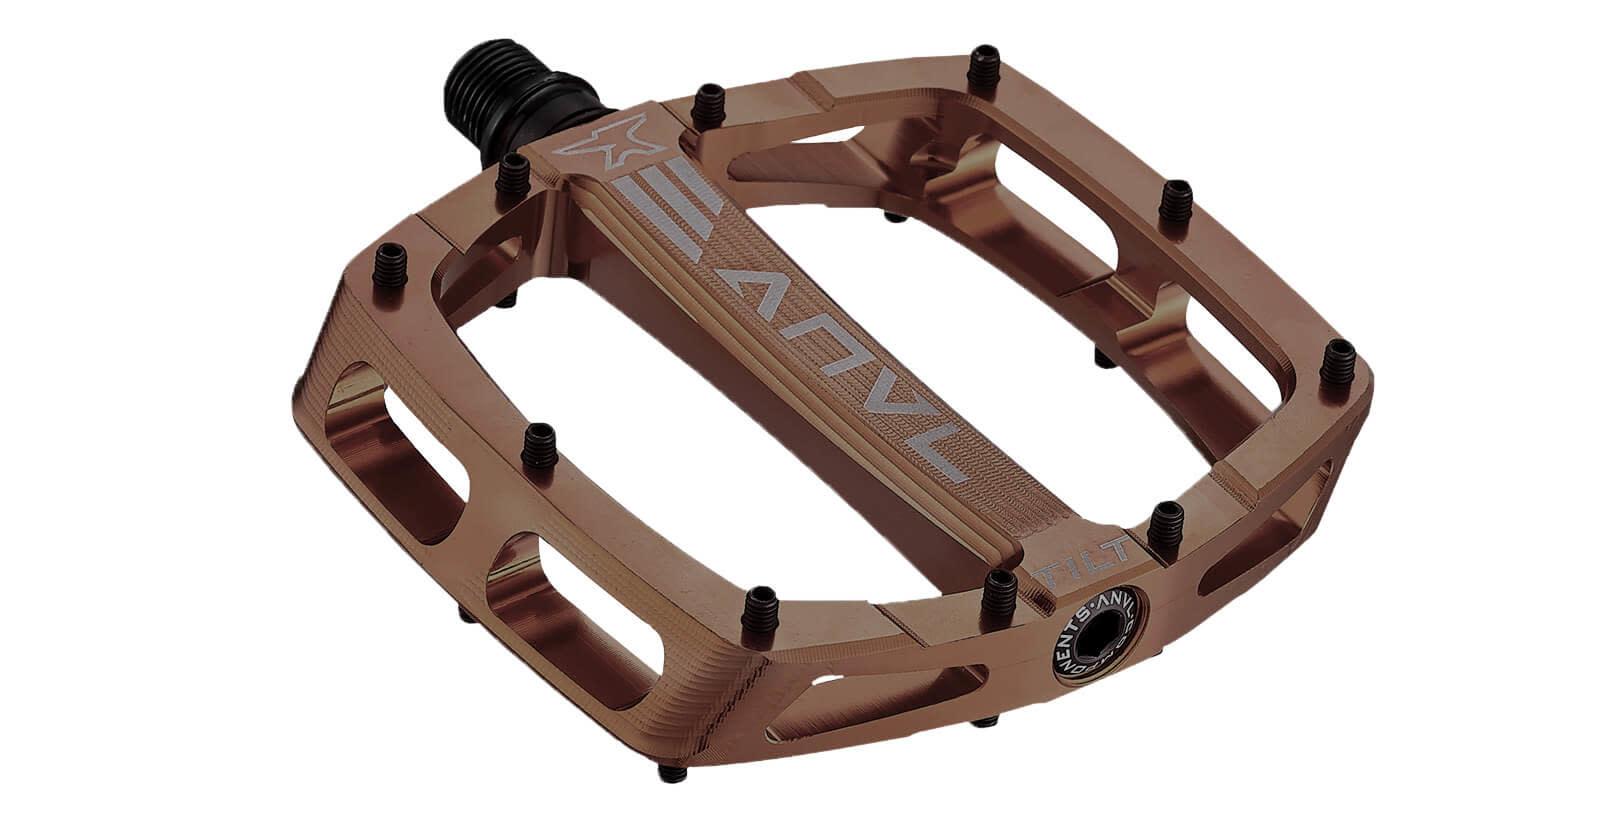 ANVL Tilt Alloy V3, Cromo Axle, Copper